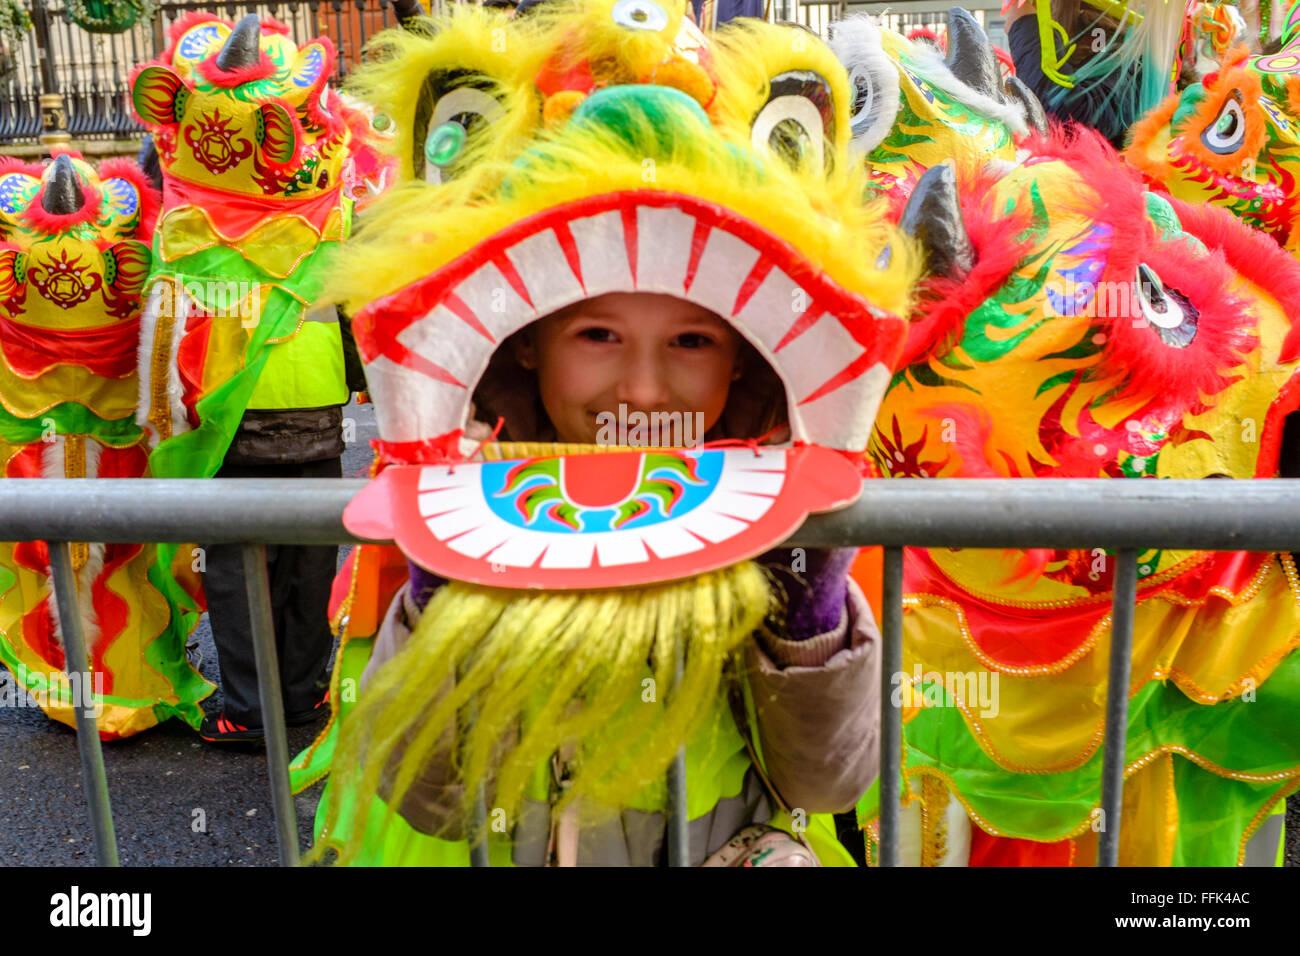 El Año Nuevo Chino, Londres: niños vestidos con trajes de danza del león esperar el inicio del desfile. Imagen De Stock